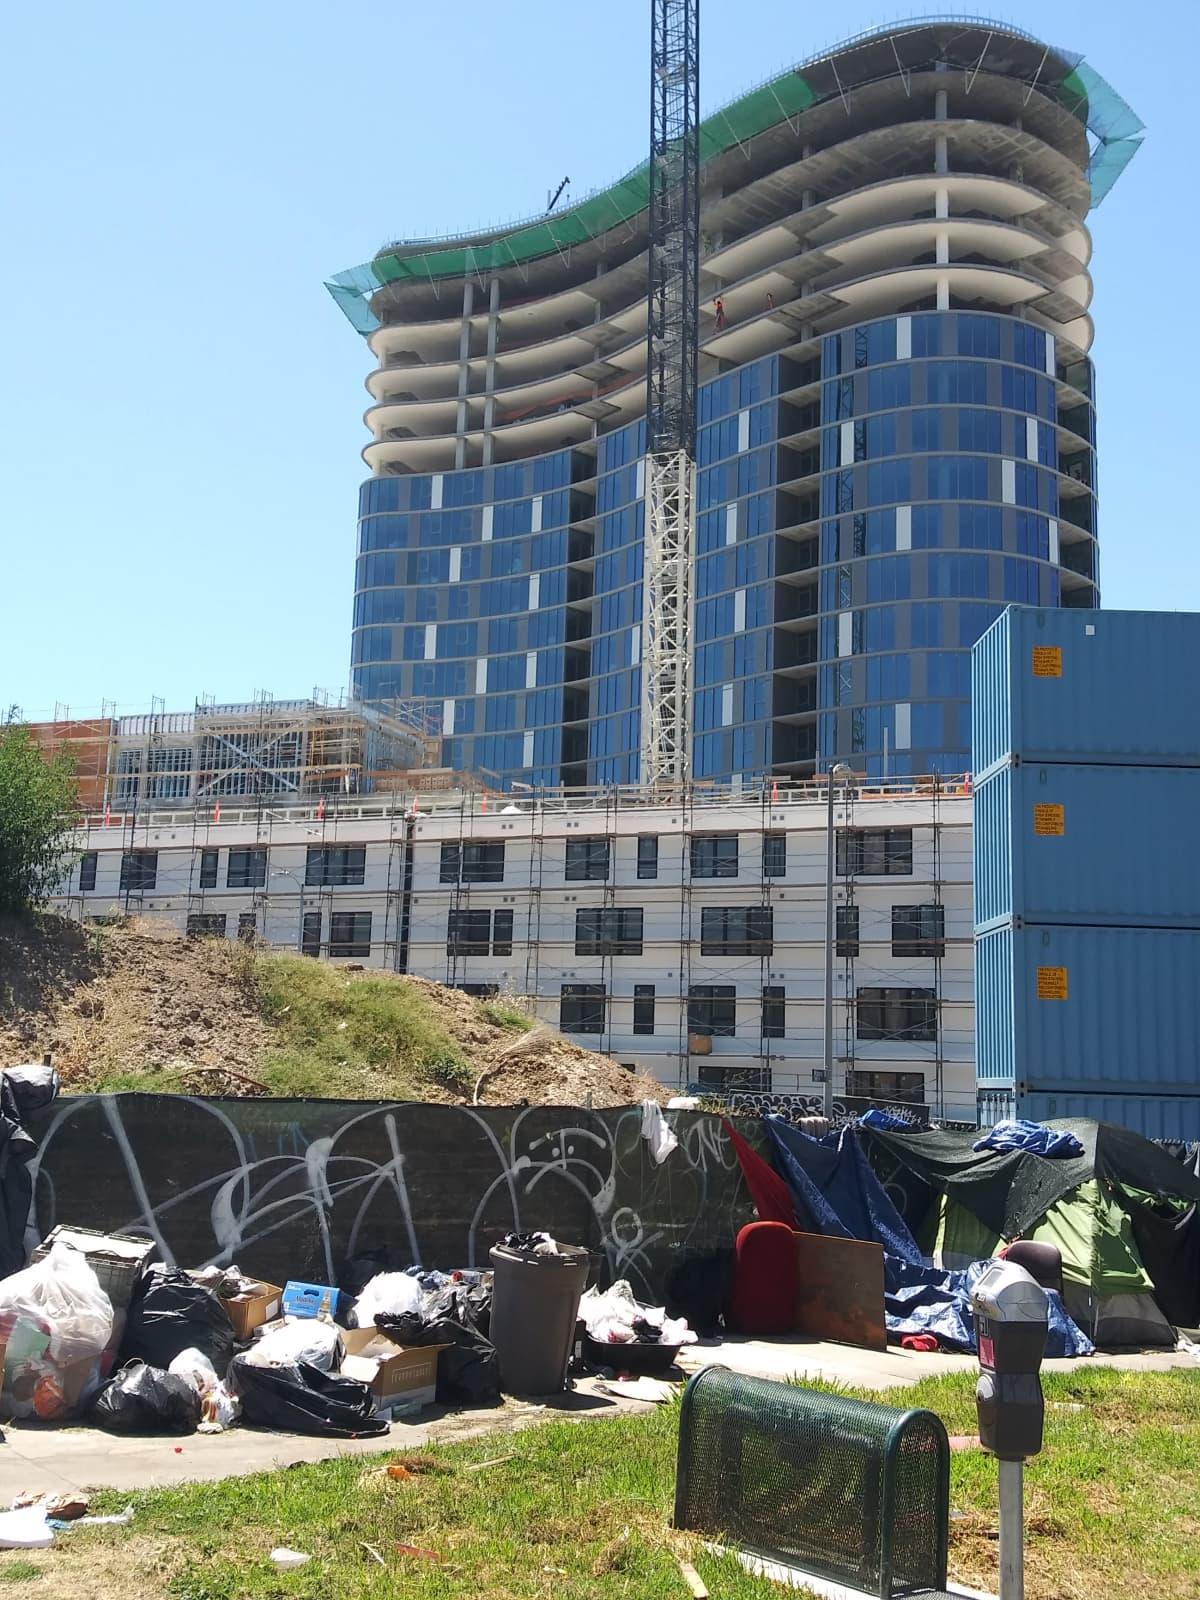 Los Angelesiin nousee luksuskerrostaloja, mutta kohtuuhintaisia asuntoja ei ole tarpeeksi.